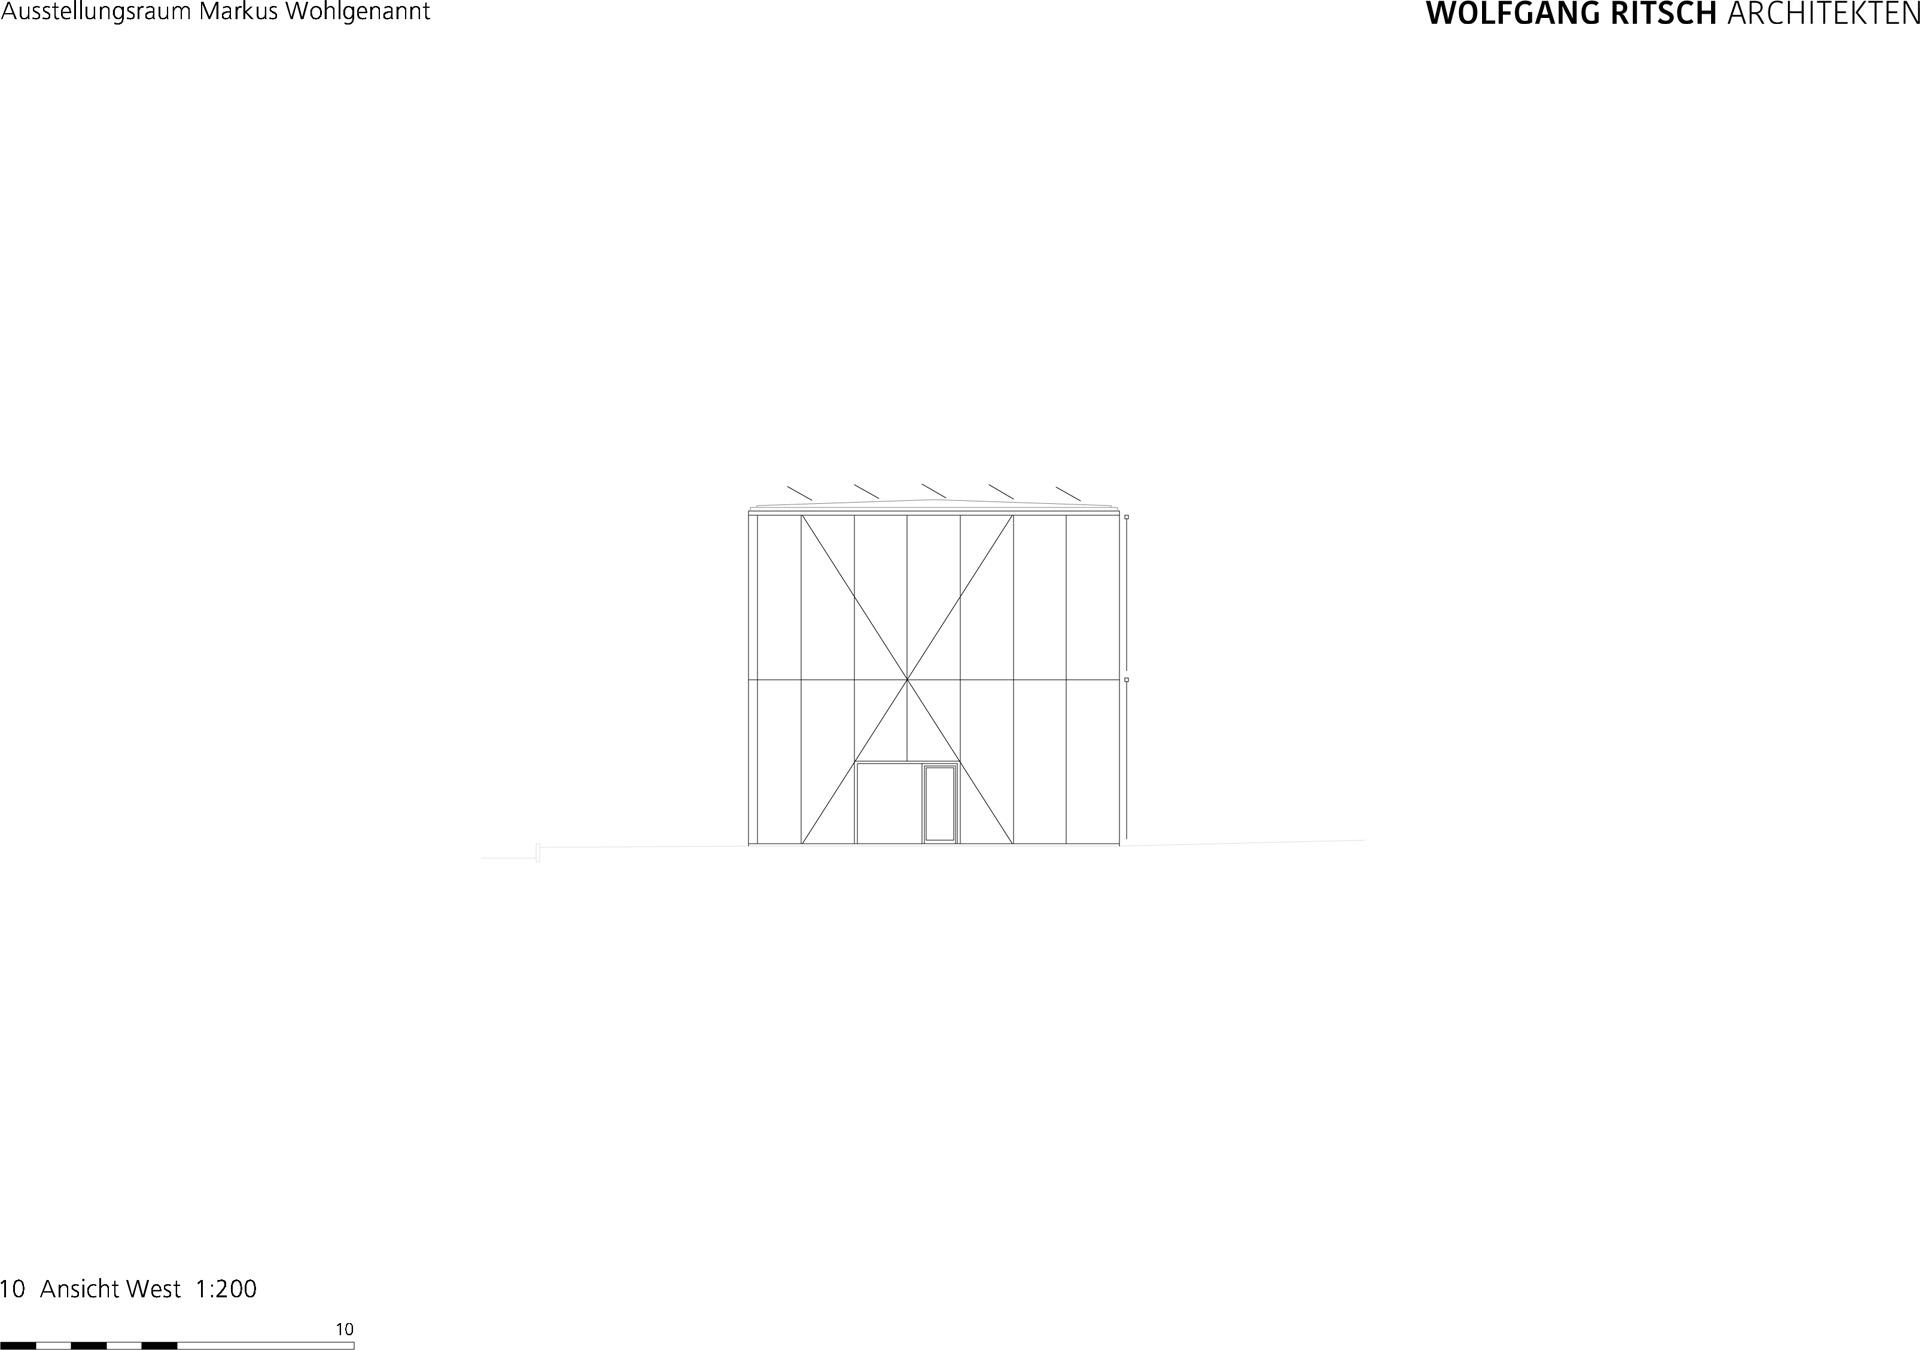 X:PROJEKTE70003980 Wohlgenannt2-PUBLIPLAN20-dwg923_Ansicht